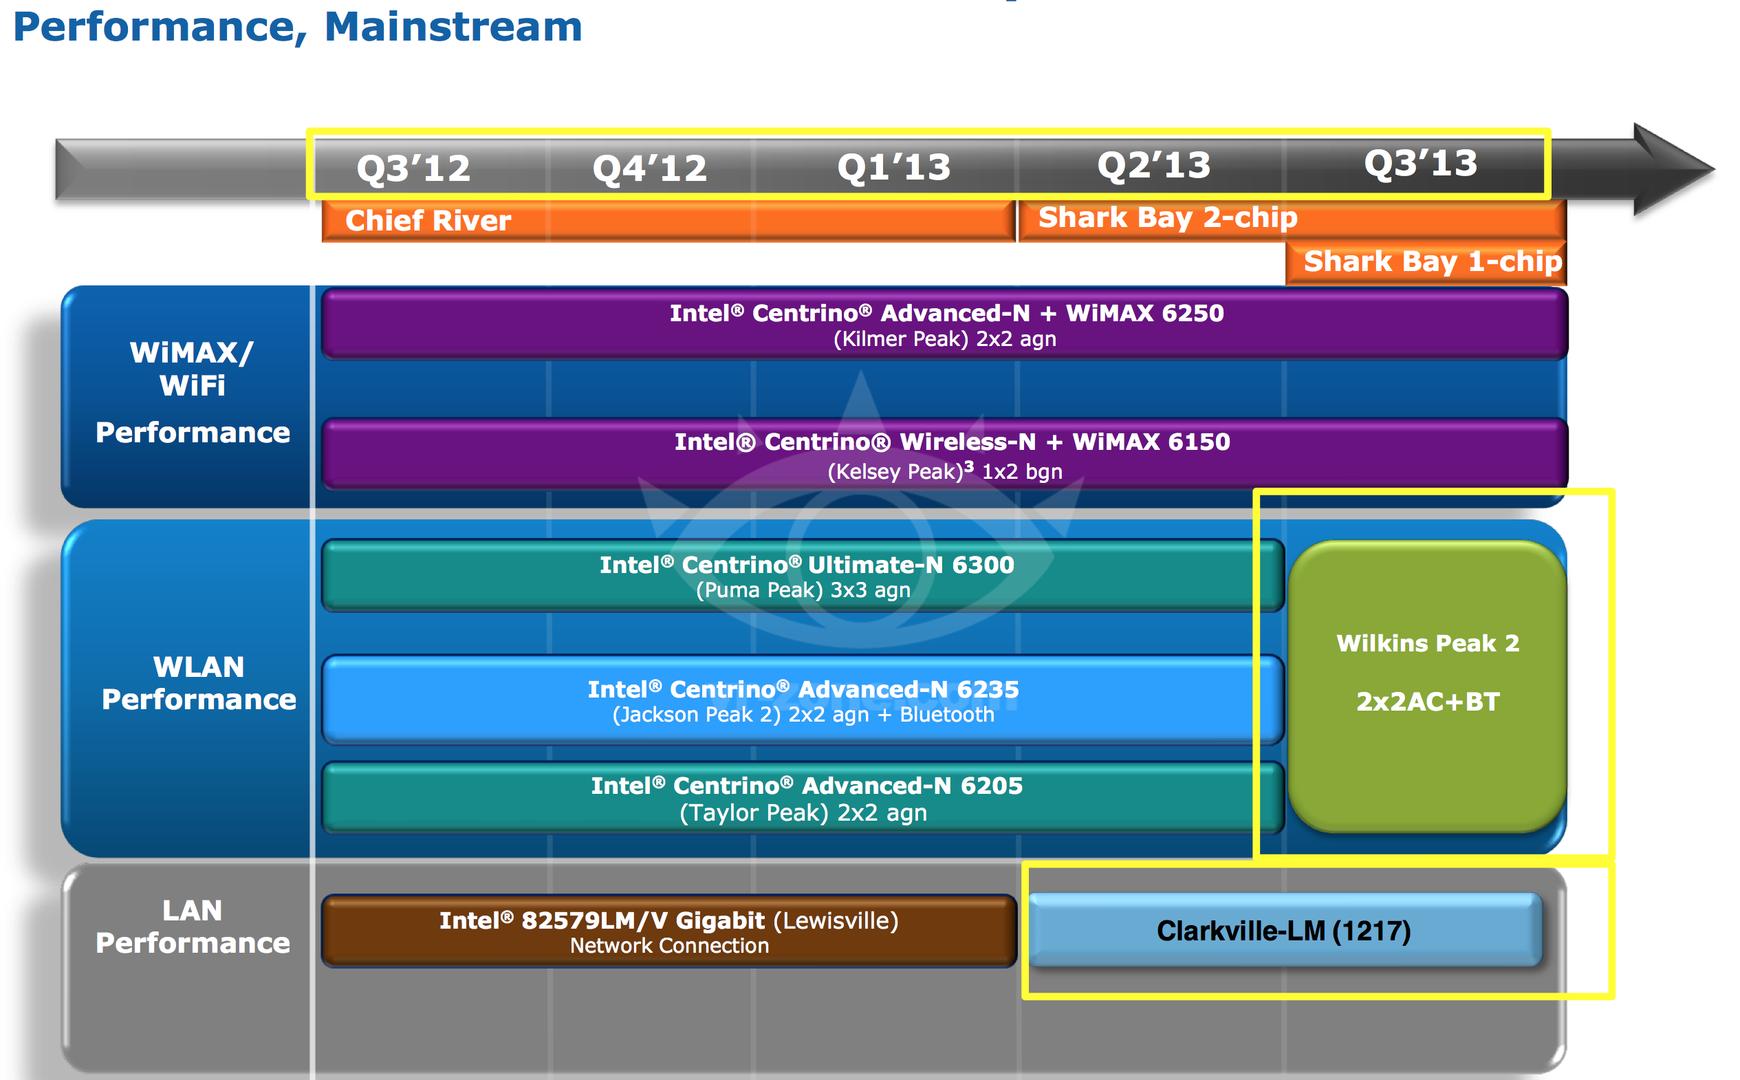 Fahrplan von Intel für das Notebook-Segment